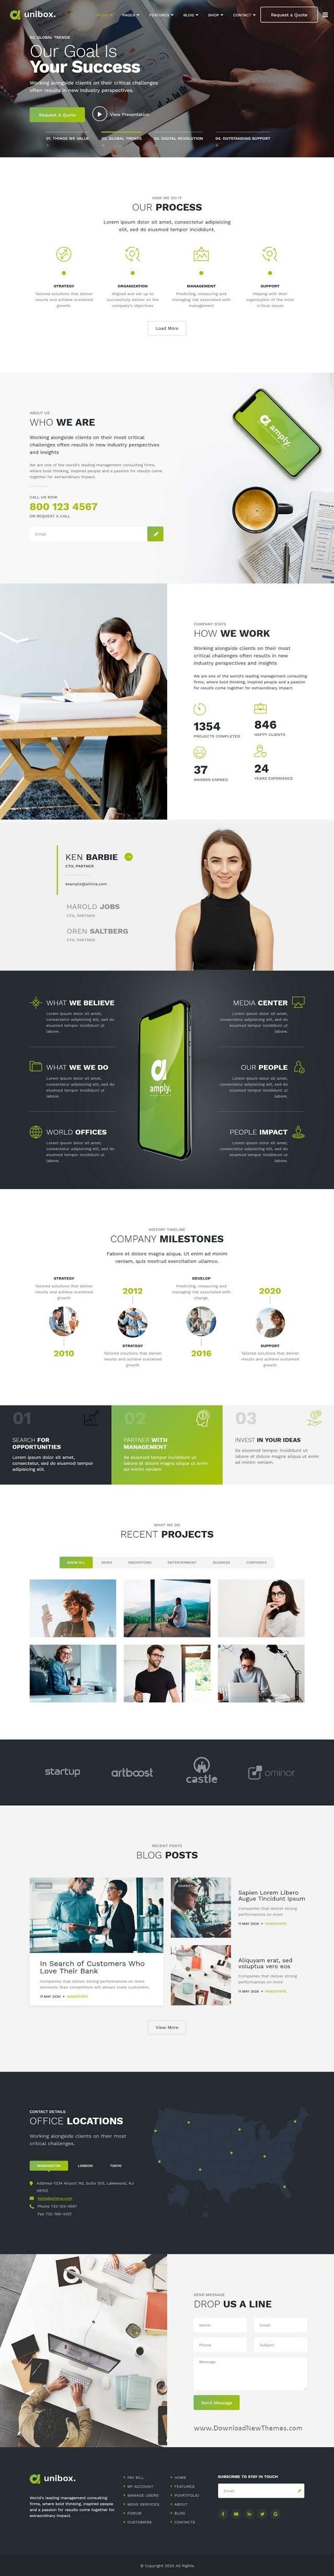 Multipurpose Corporate Business Joomla Template